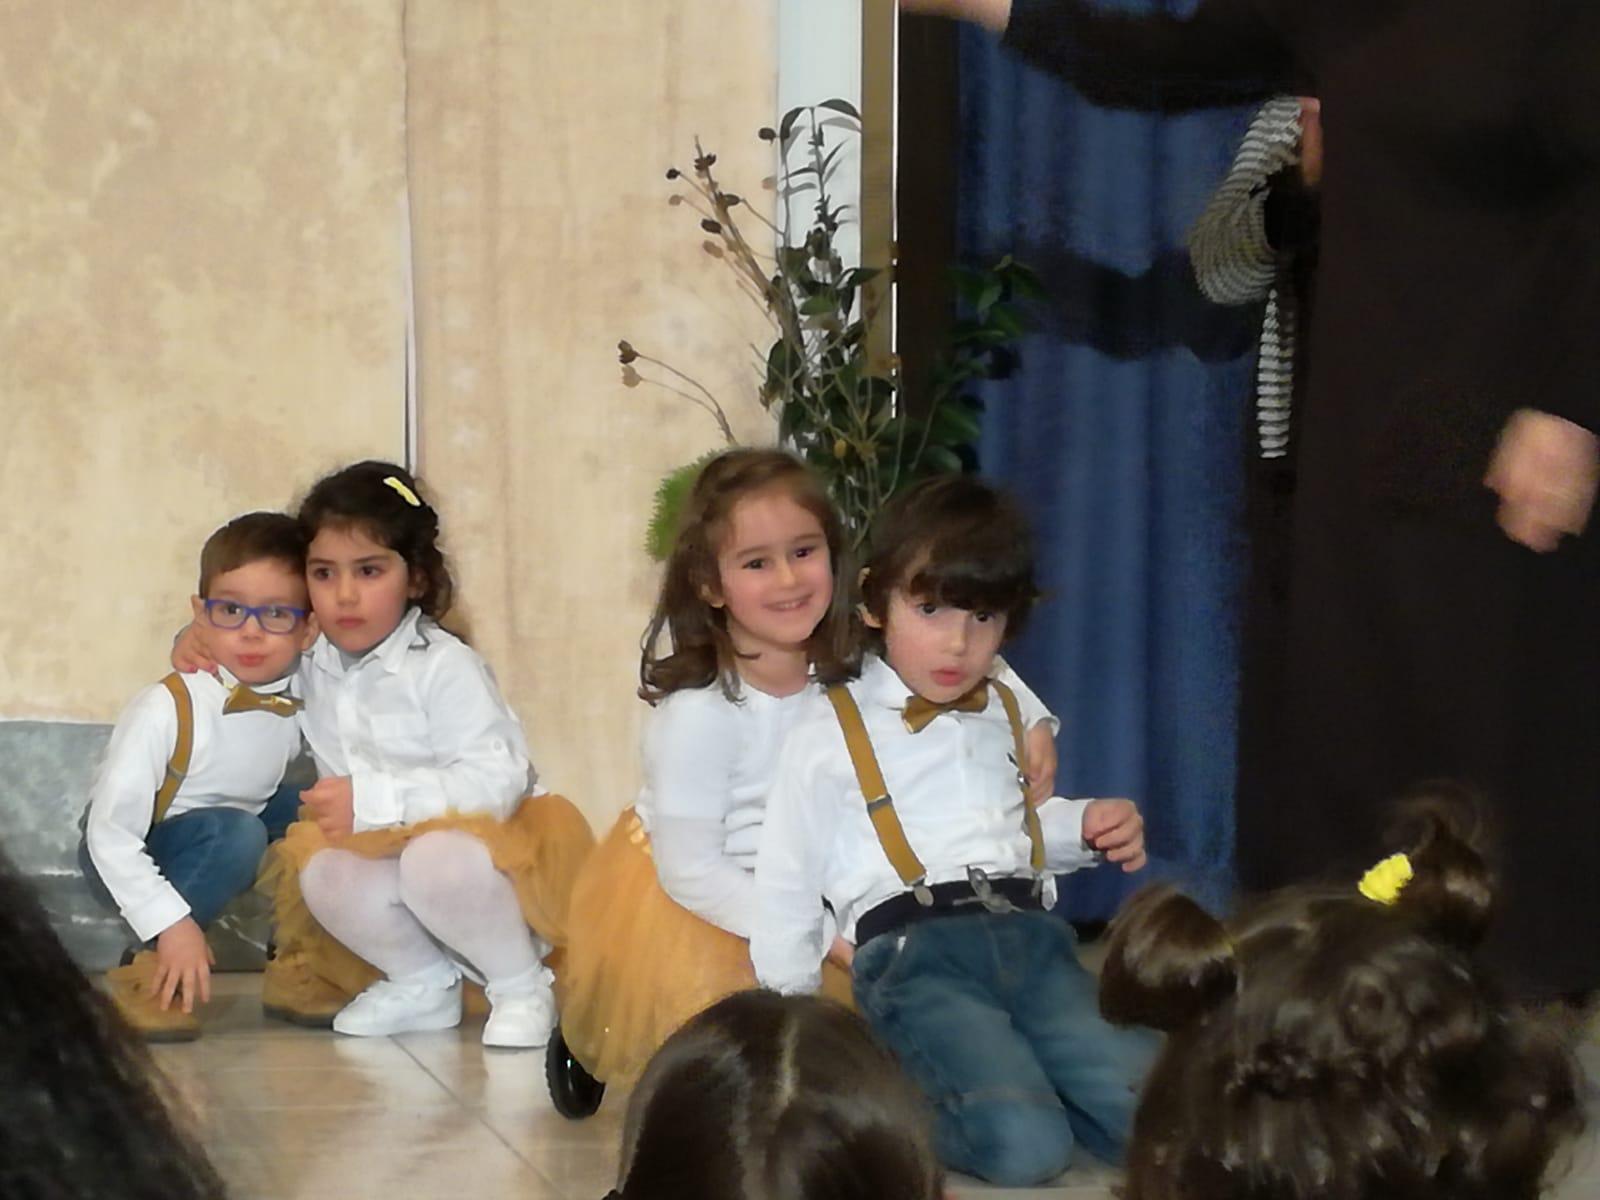 Vestito Da Stella Per Recita Di Natale.San Nicola Tra I Bambini Del Maraini La Sorpresa Prima Dello